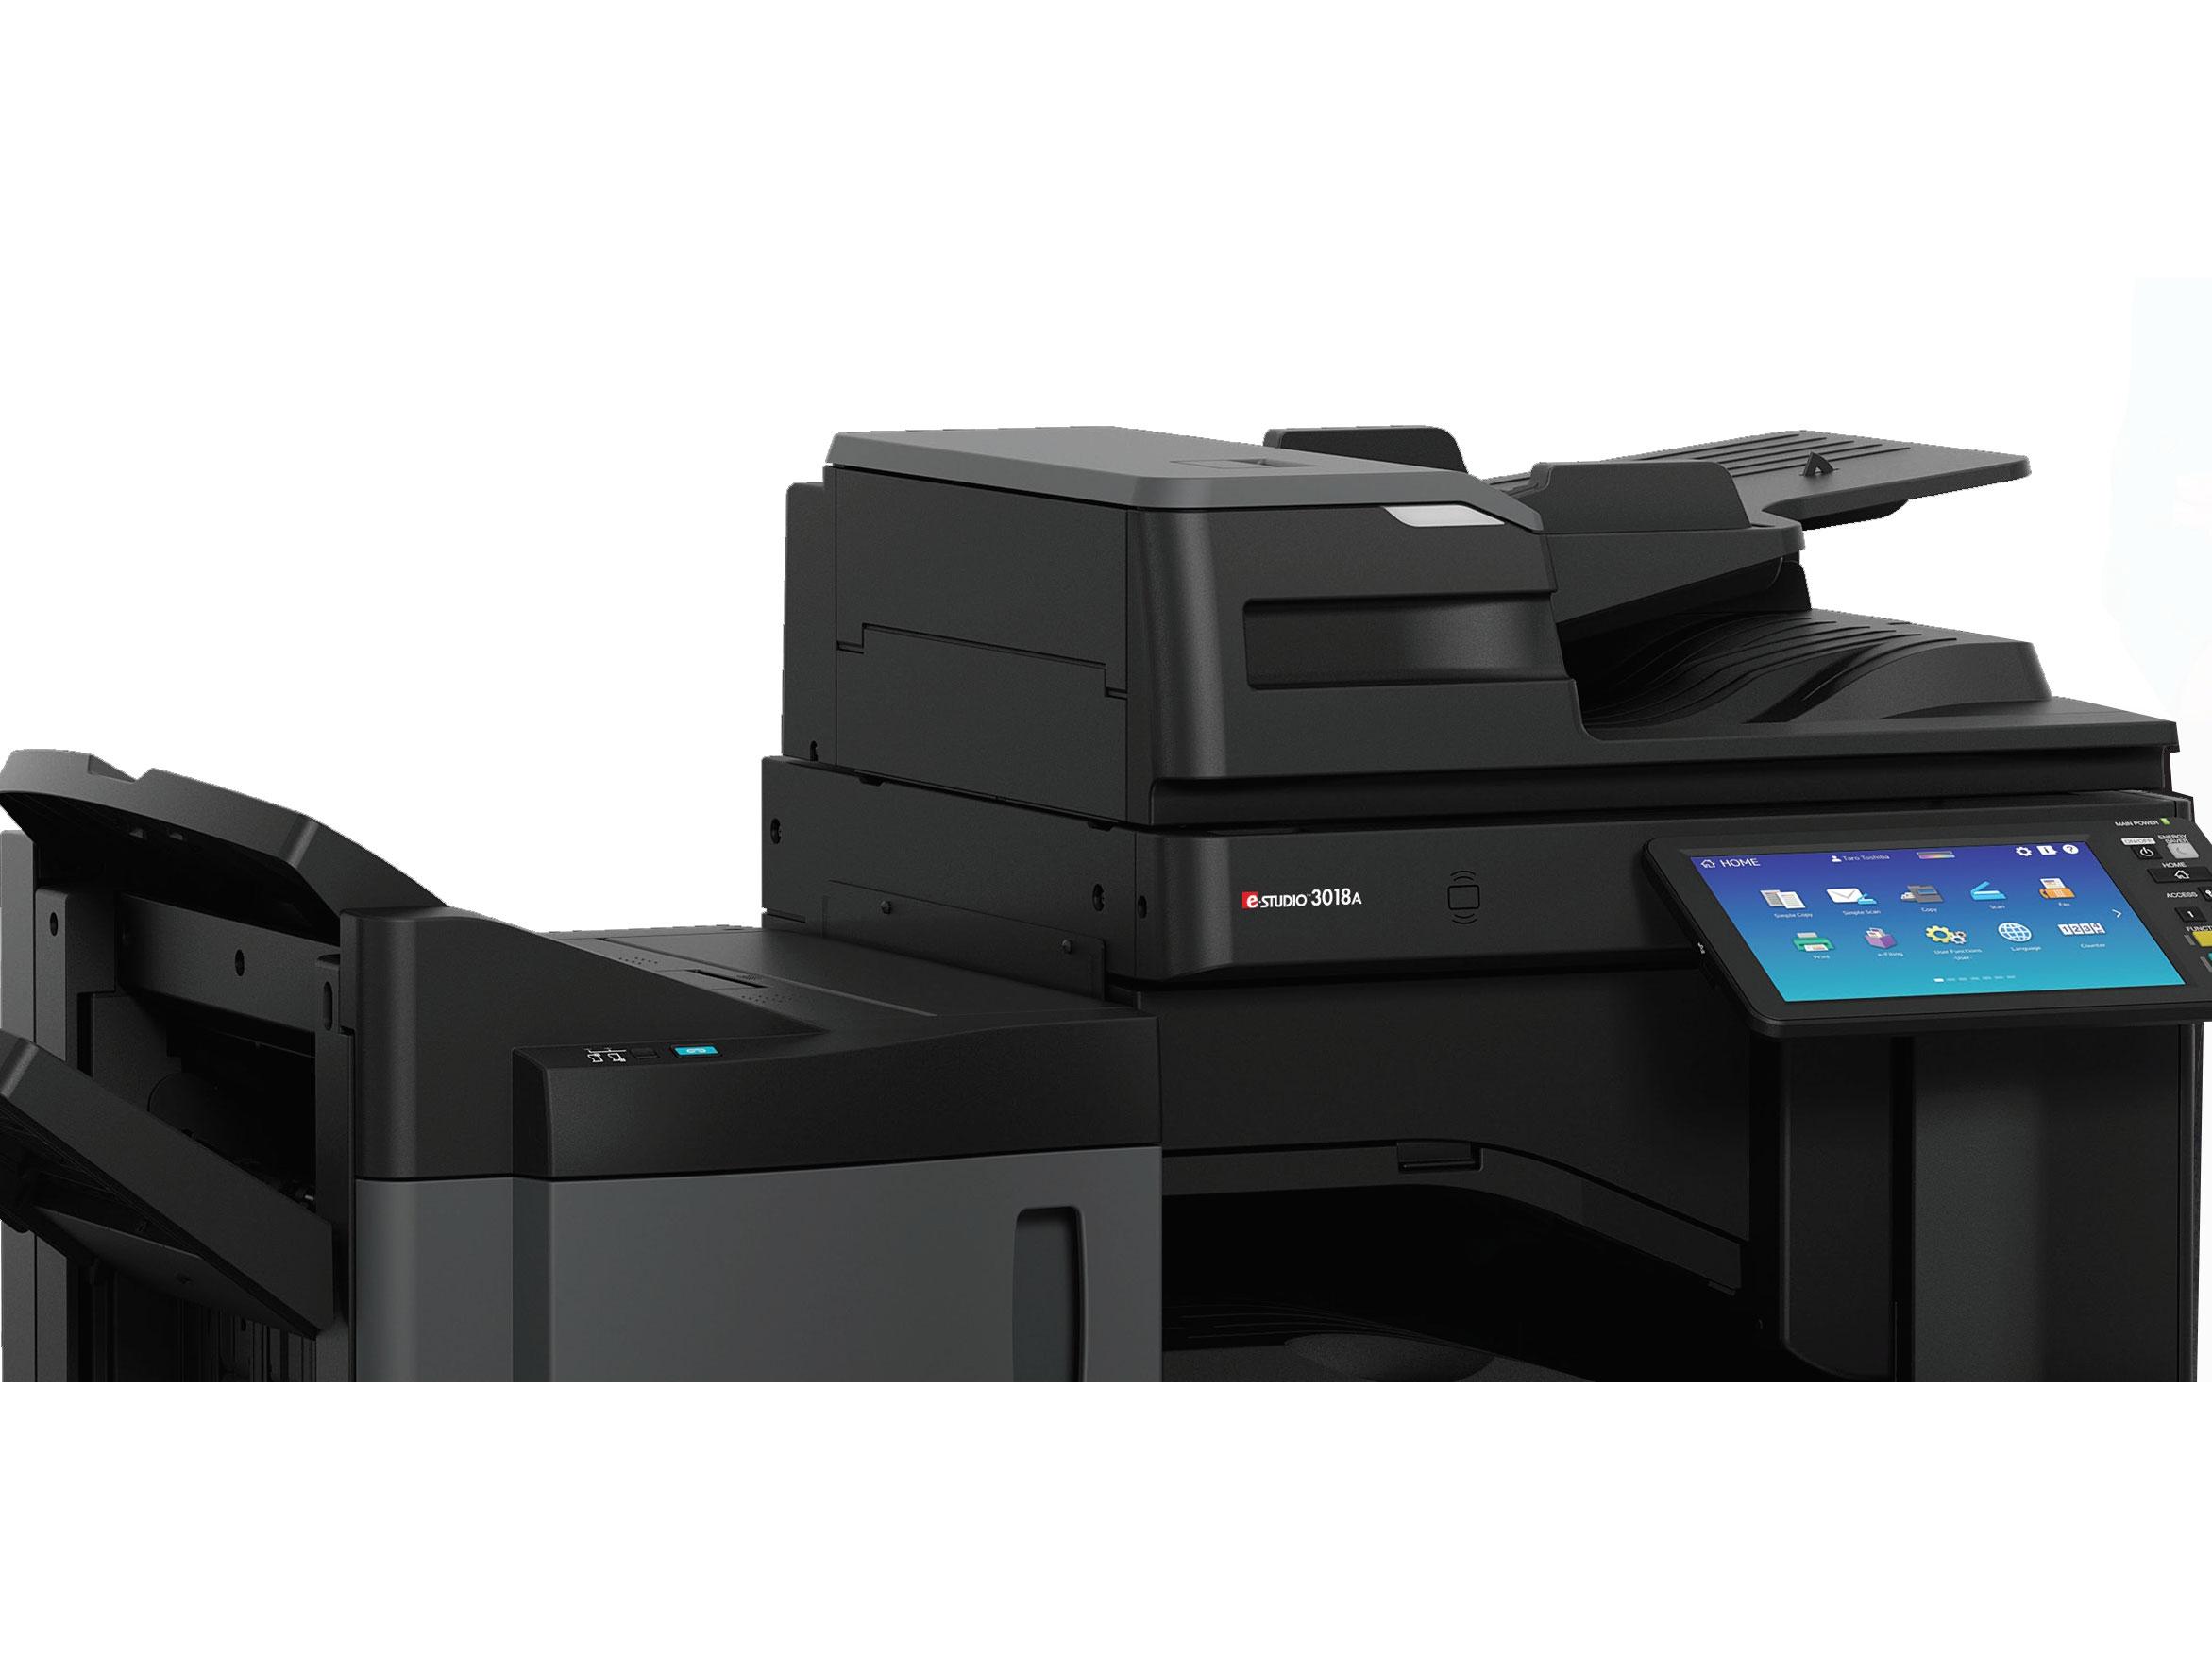 Fotocopiadora e-STUDIO 2018A usada